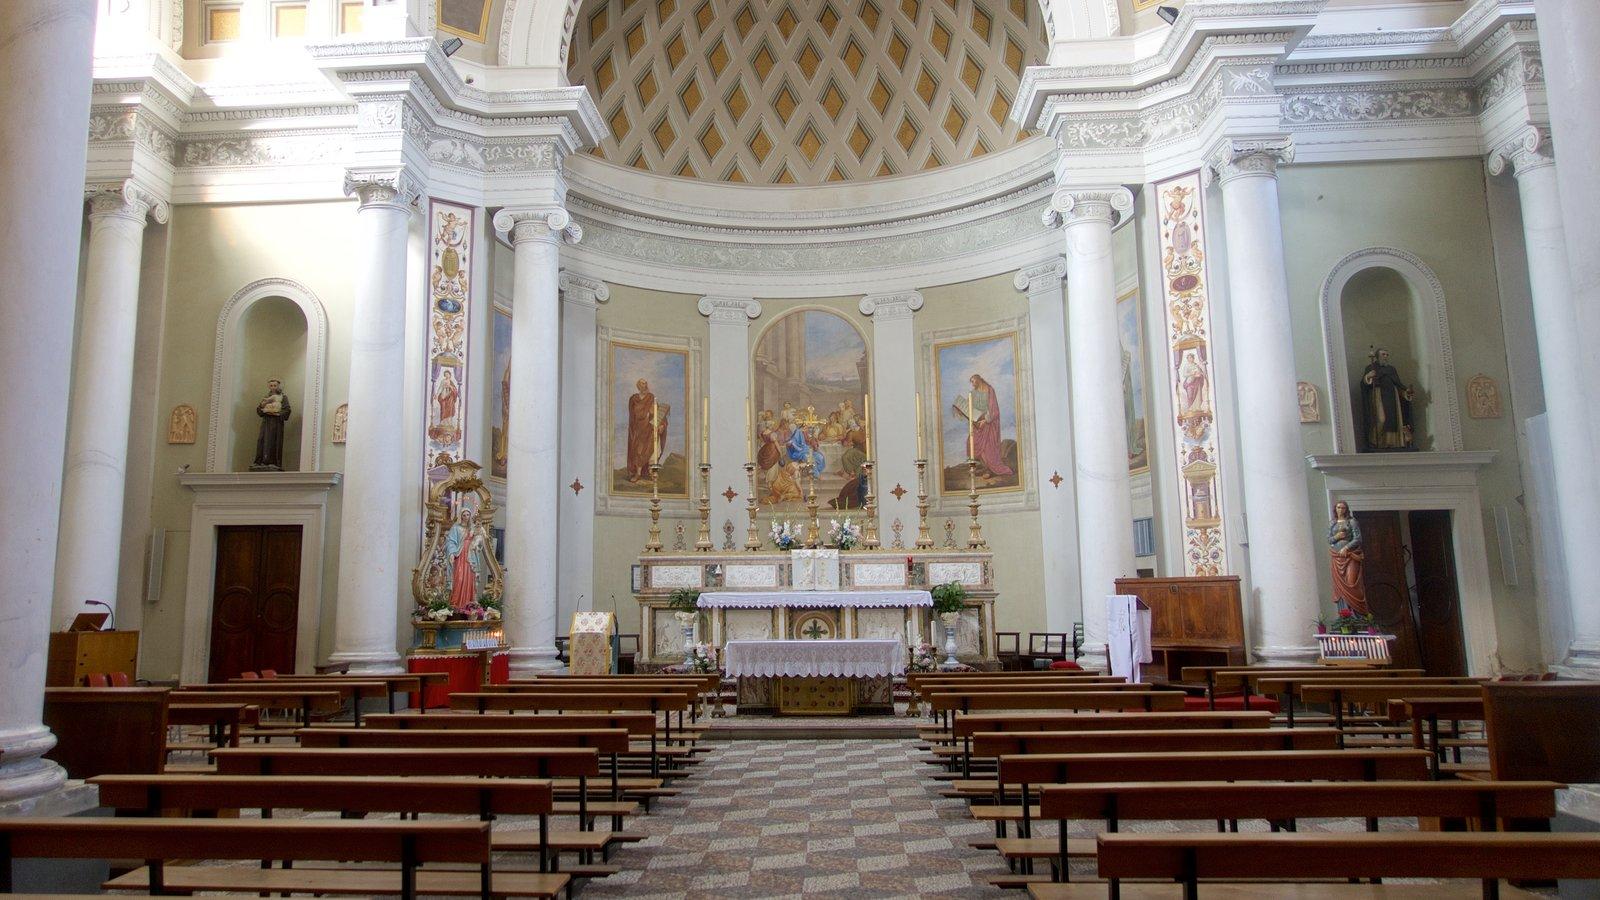 Castiglione del Lago which includes interior views and a church or cathedral